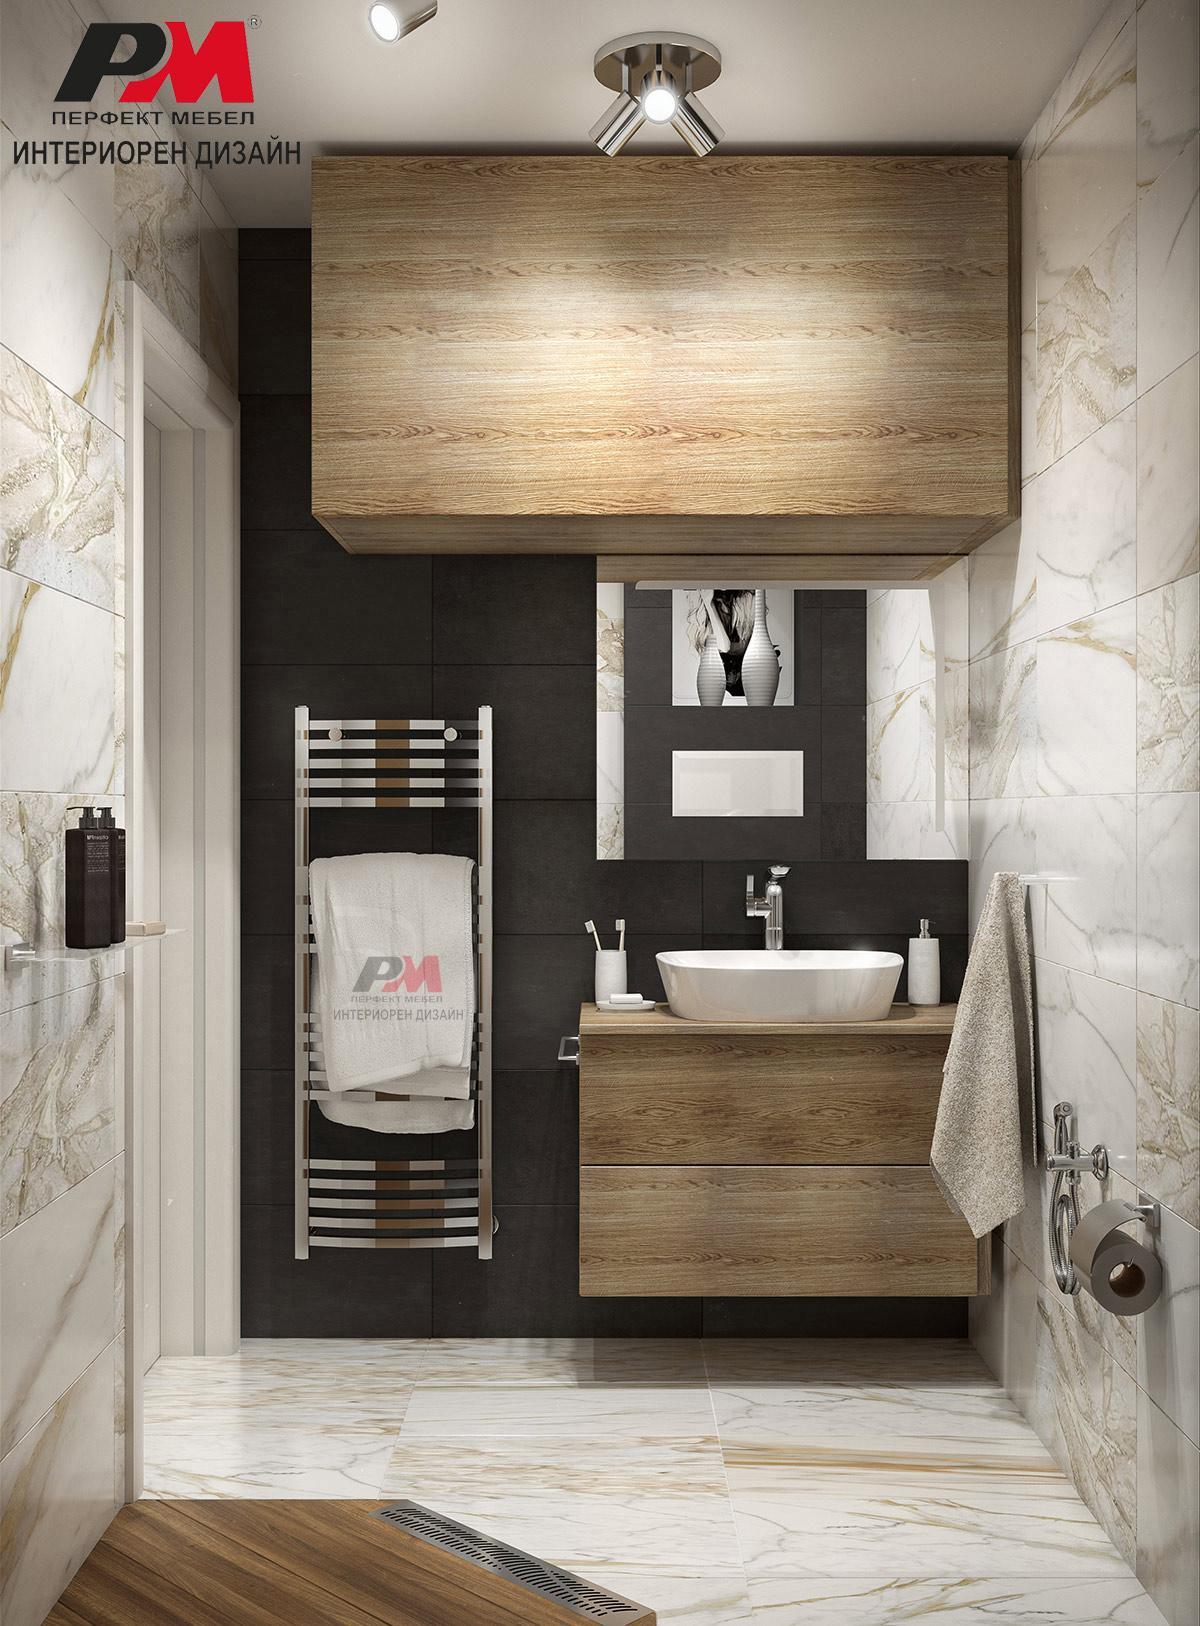 Красив интериорен дизайн на стилна и елегантна баня издържана в модерни тонове